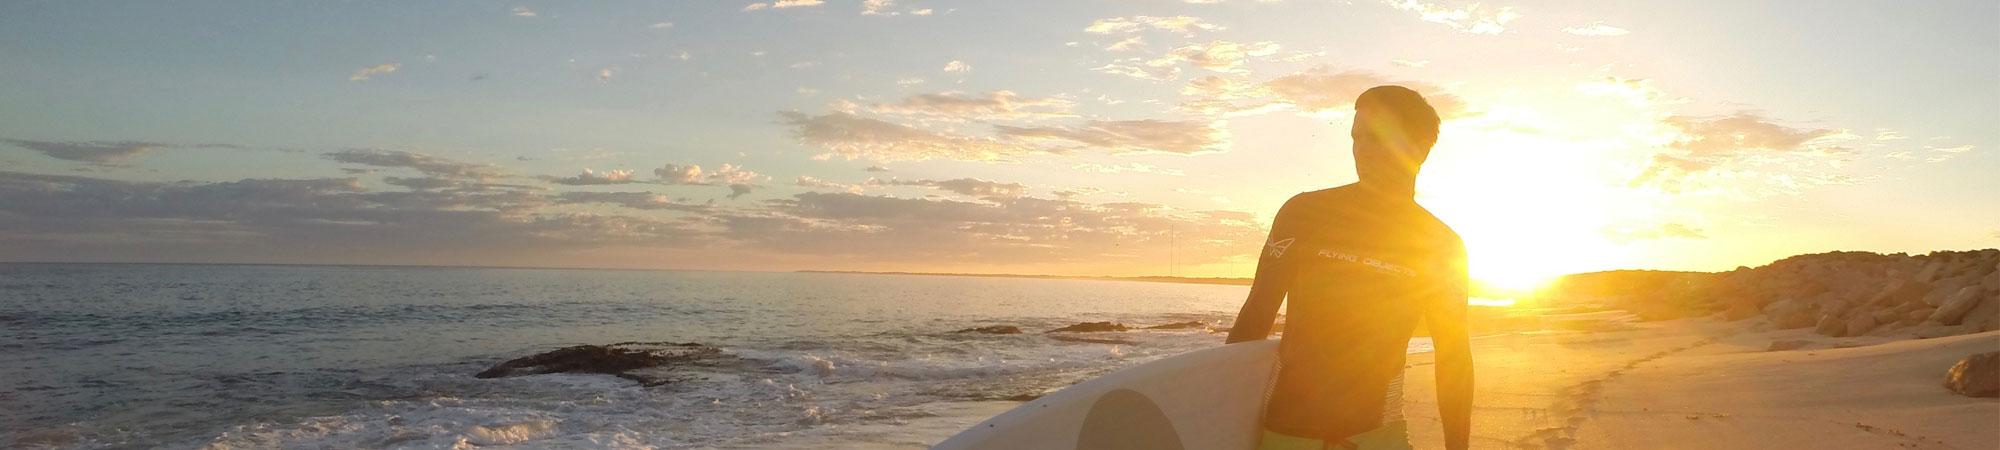 SUP Intermediate Lesson & Tour Kitesurfing lessons, SUPing lessons & Surfing Lessons